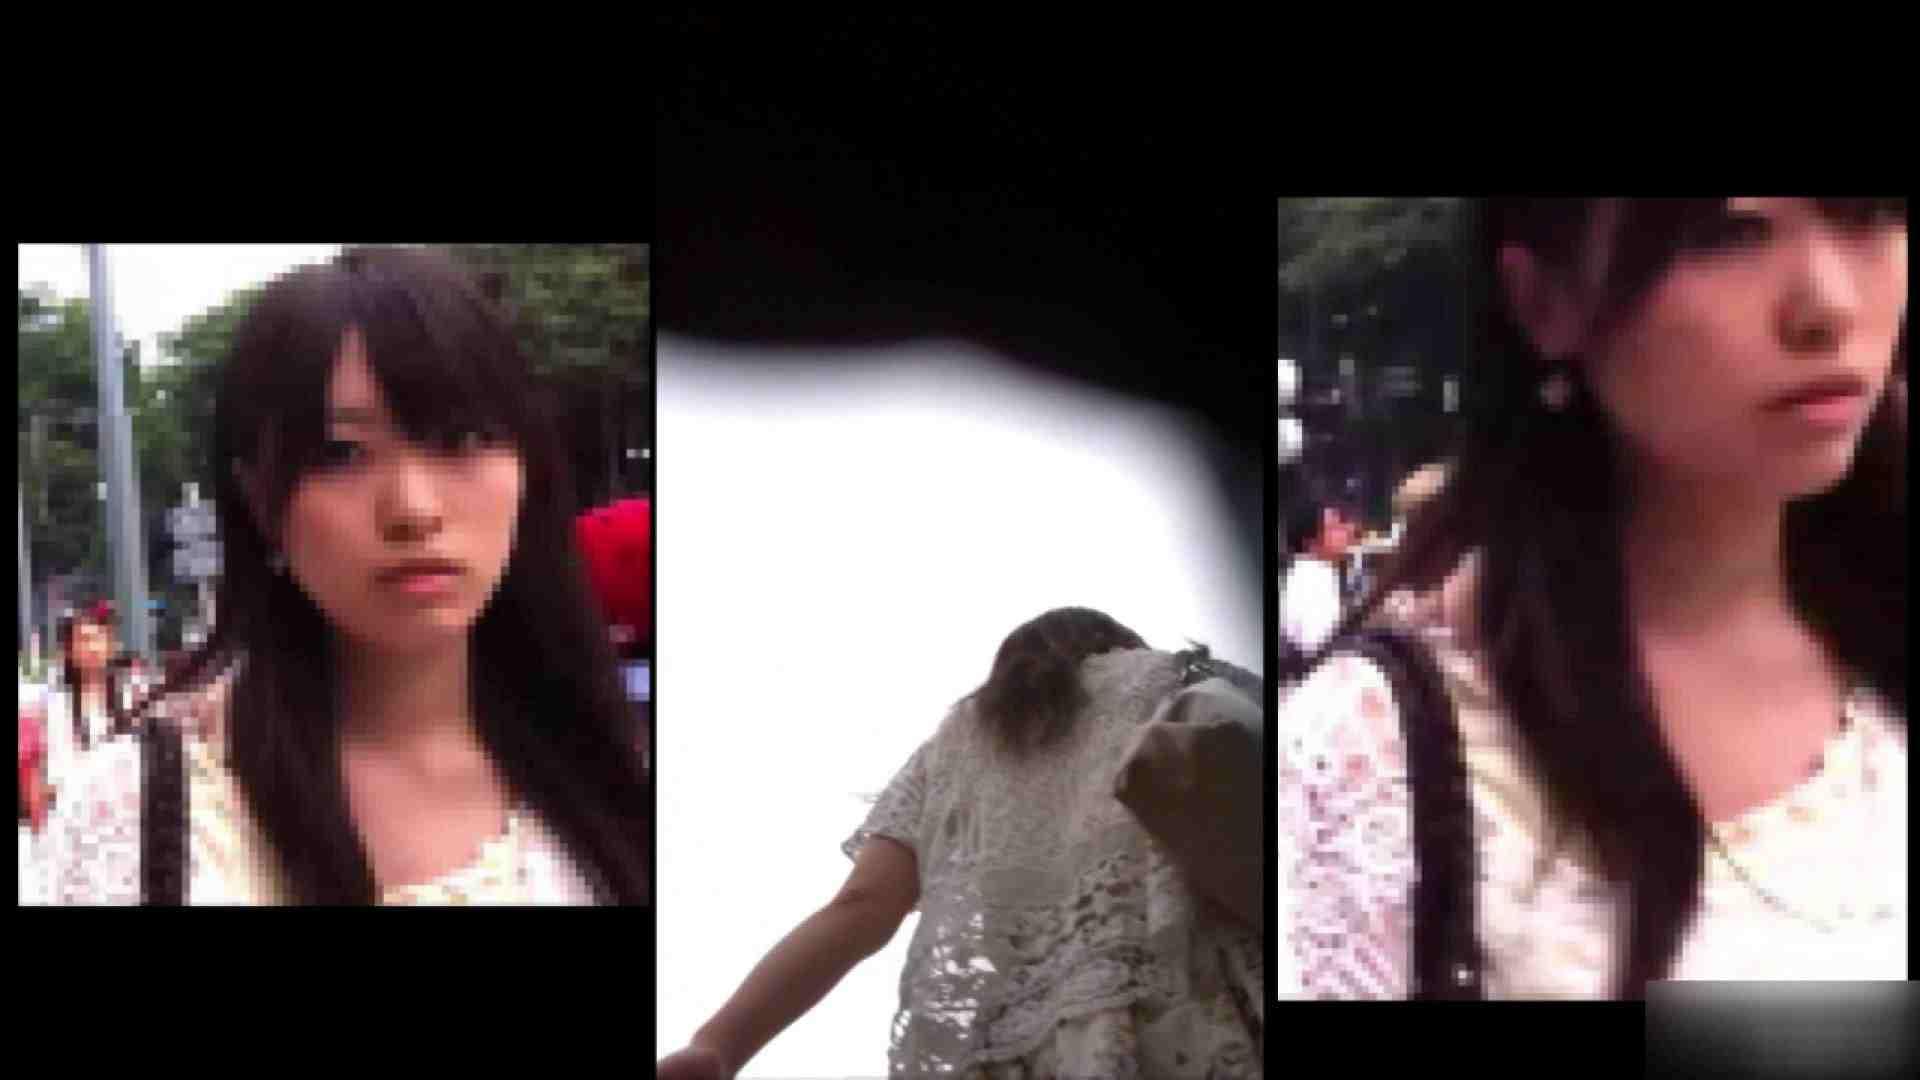 ガールズパンチラストリートビューVol.025 新入生パンチラ 隠し撮りオマンコ動画紹介 74pic 23